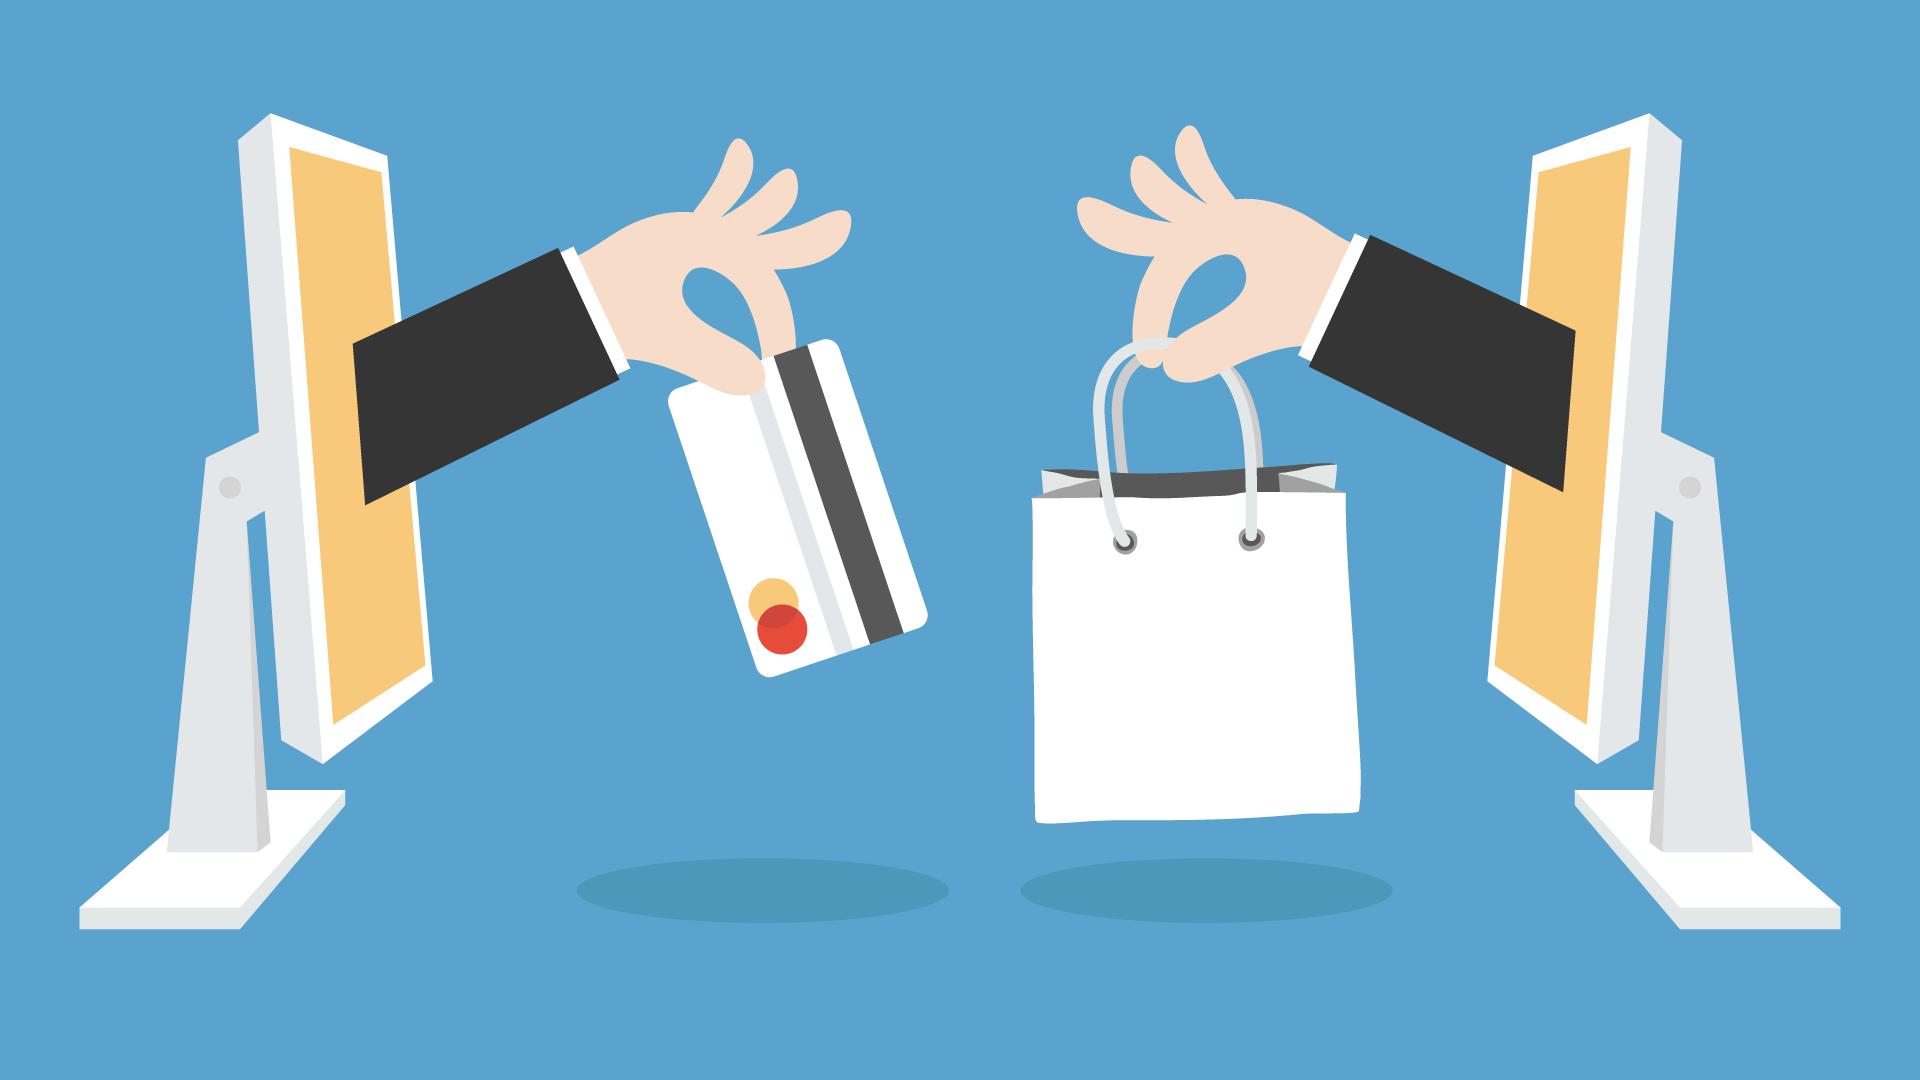 راهنمای جستجوی بهترین قیمت در اینترنت